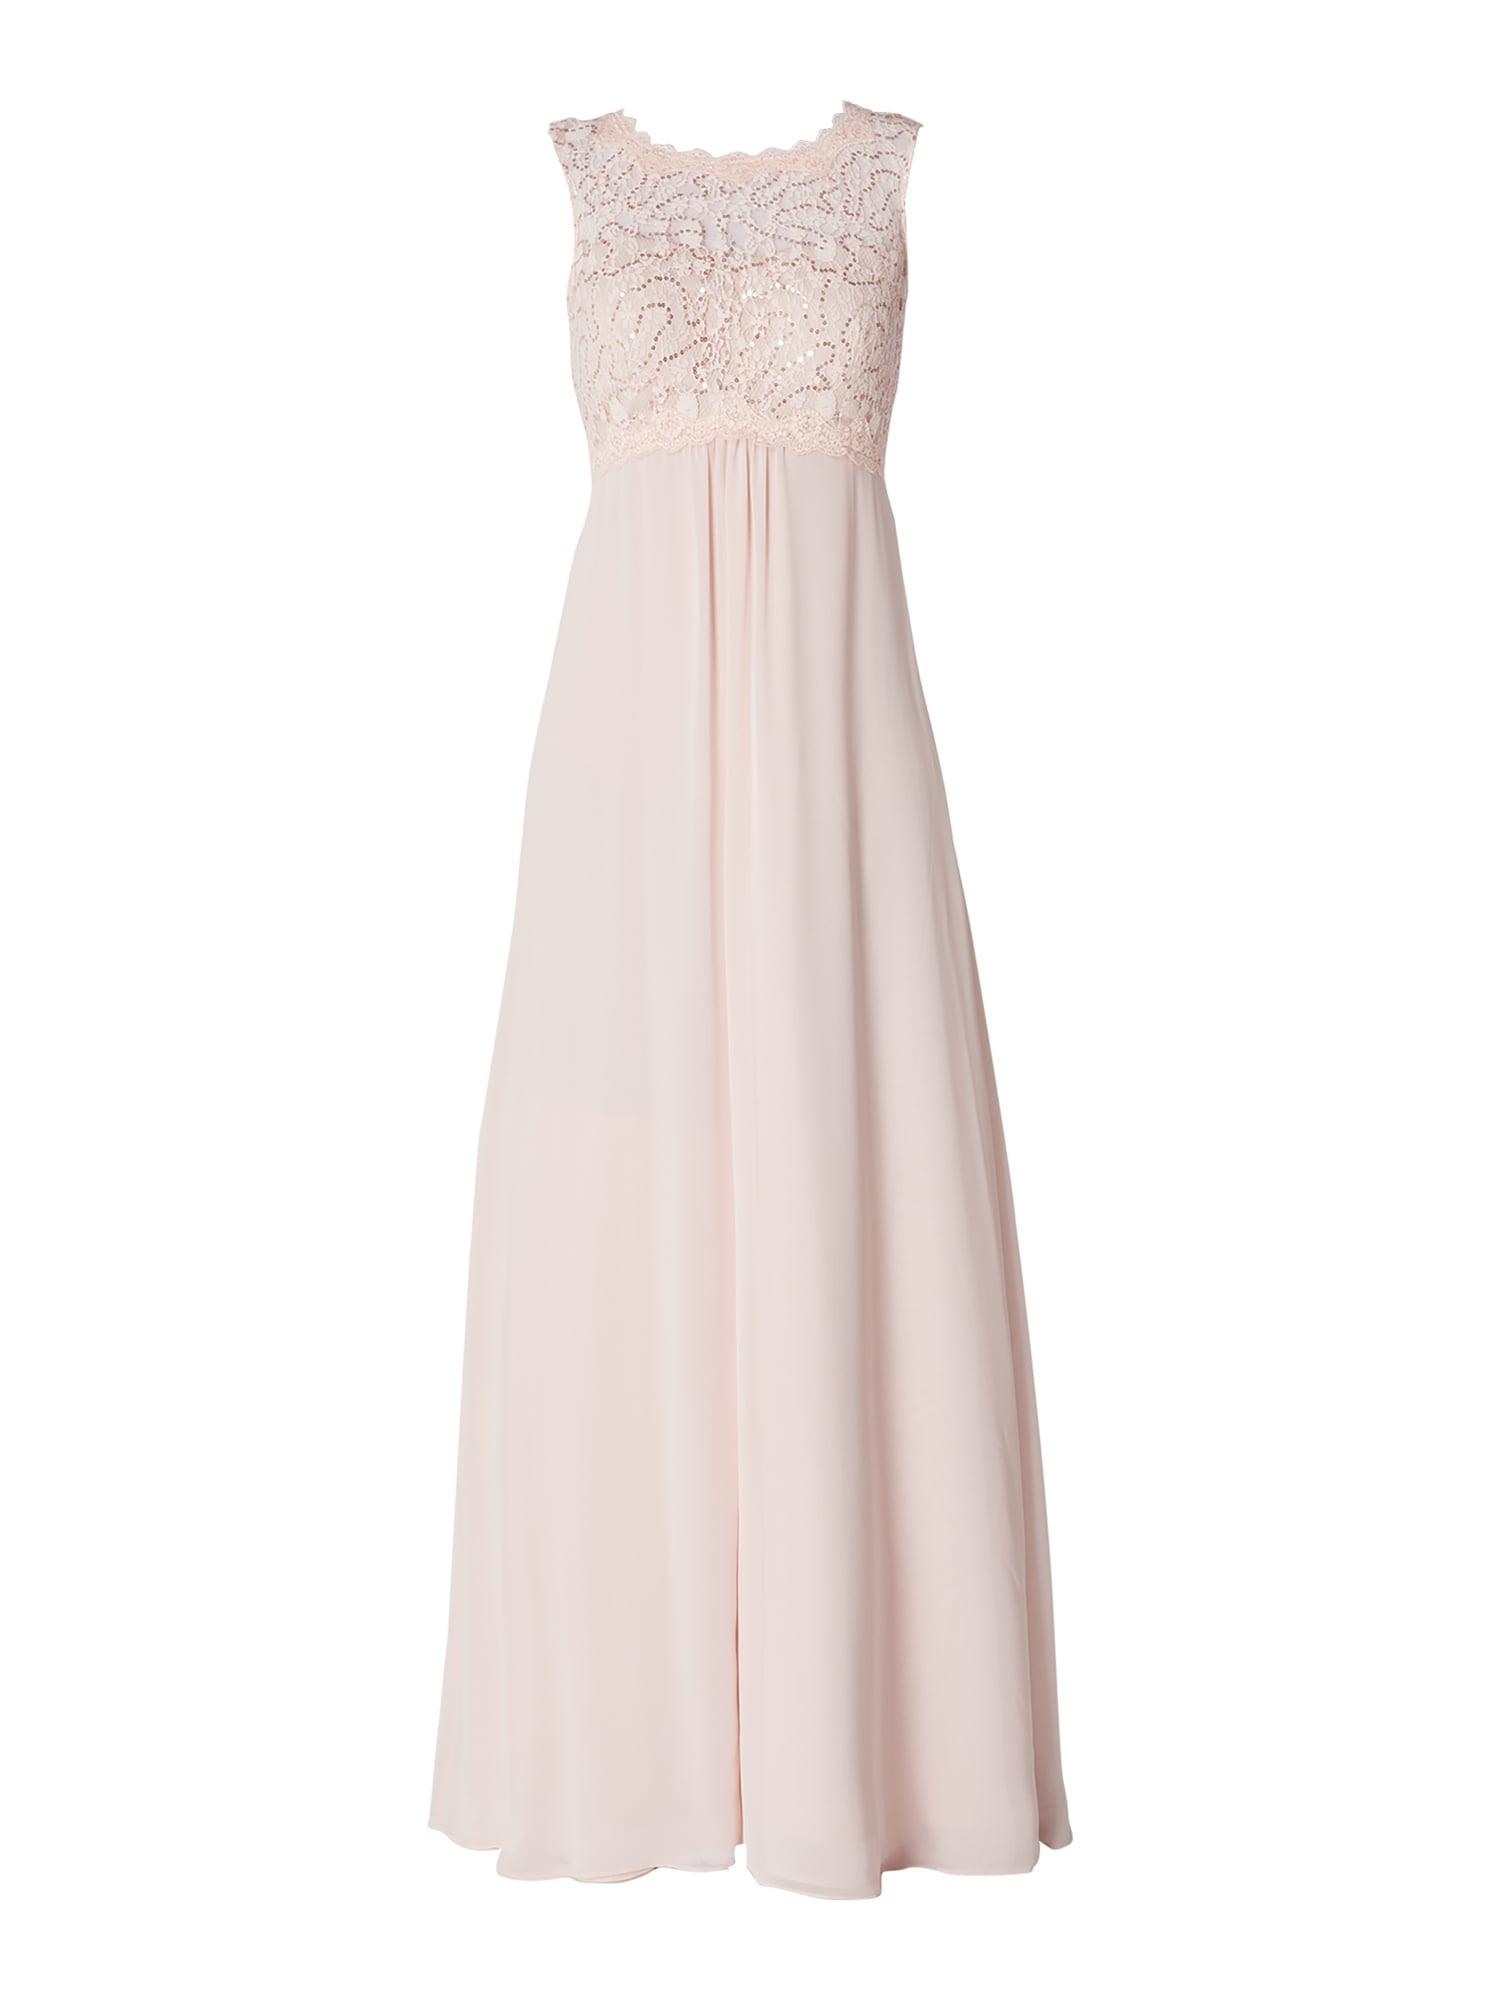 Abend Ausgezeichnet Abend Kleid Rose für 201917 Schön Abend Kleid Rose Design